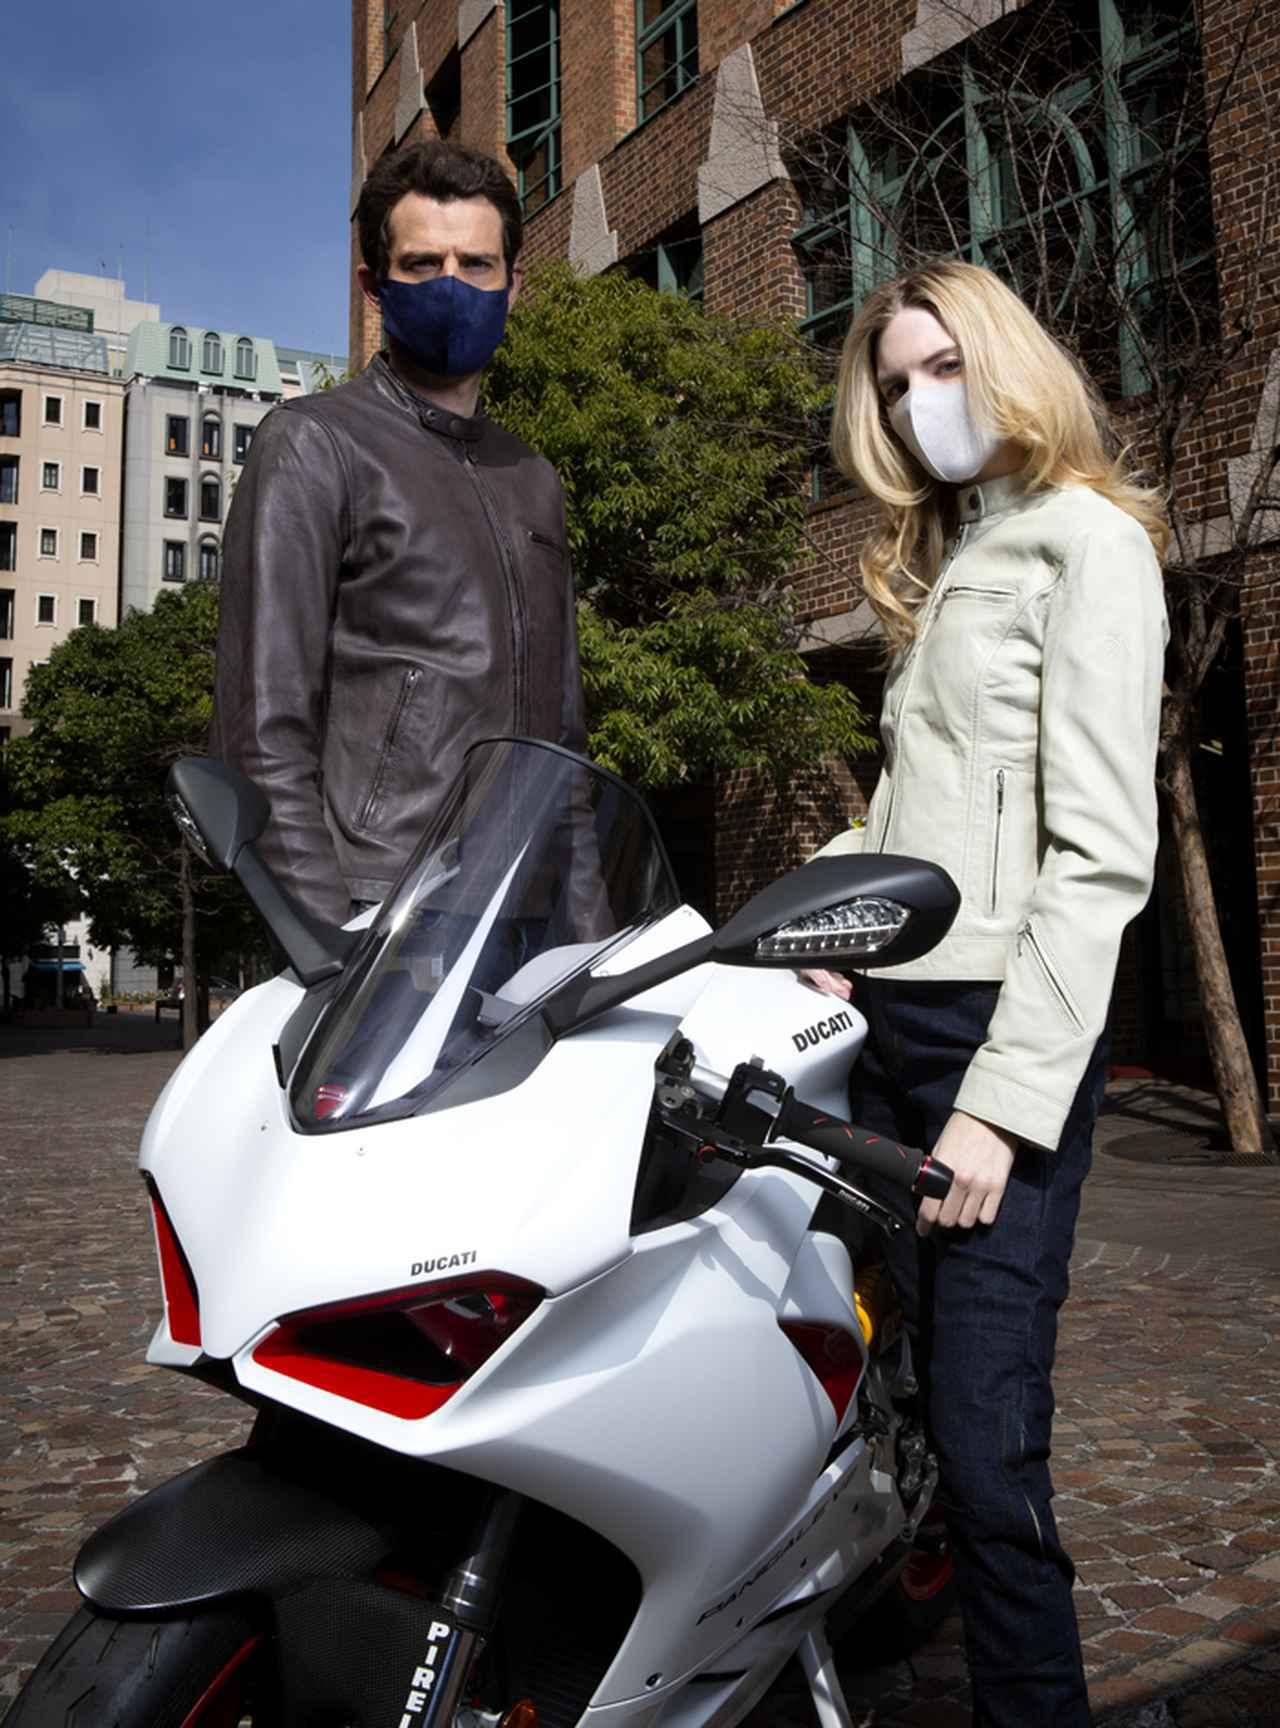 画像1: ライディング以外にも着られるこの季節にピッタリなレザージャケット。 2021年春の最新バイクウェア#1をご紹介byゴーグル2021年3月24日発売号